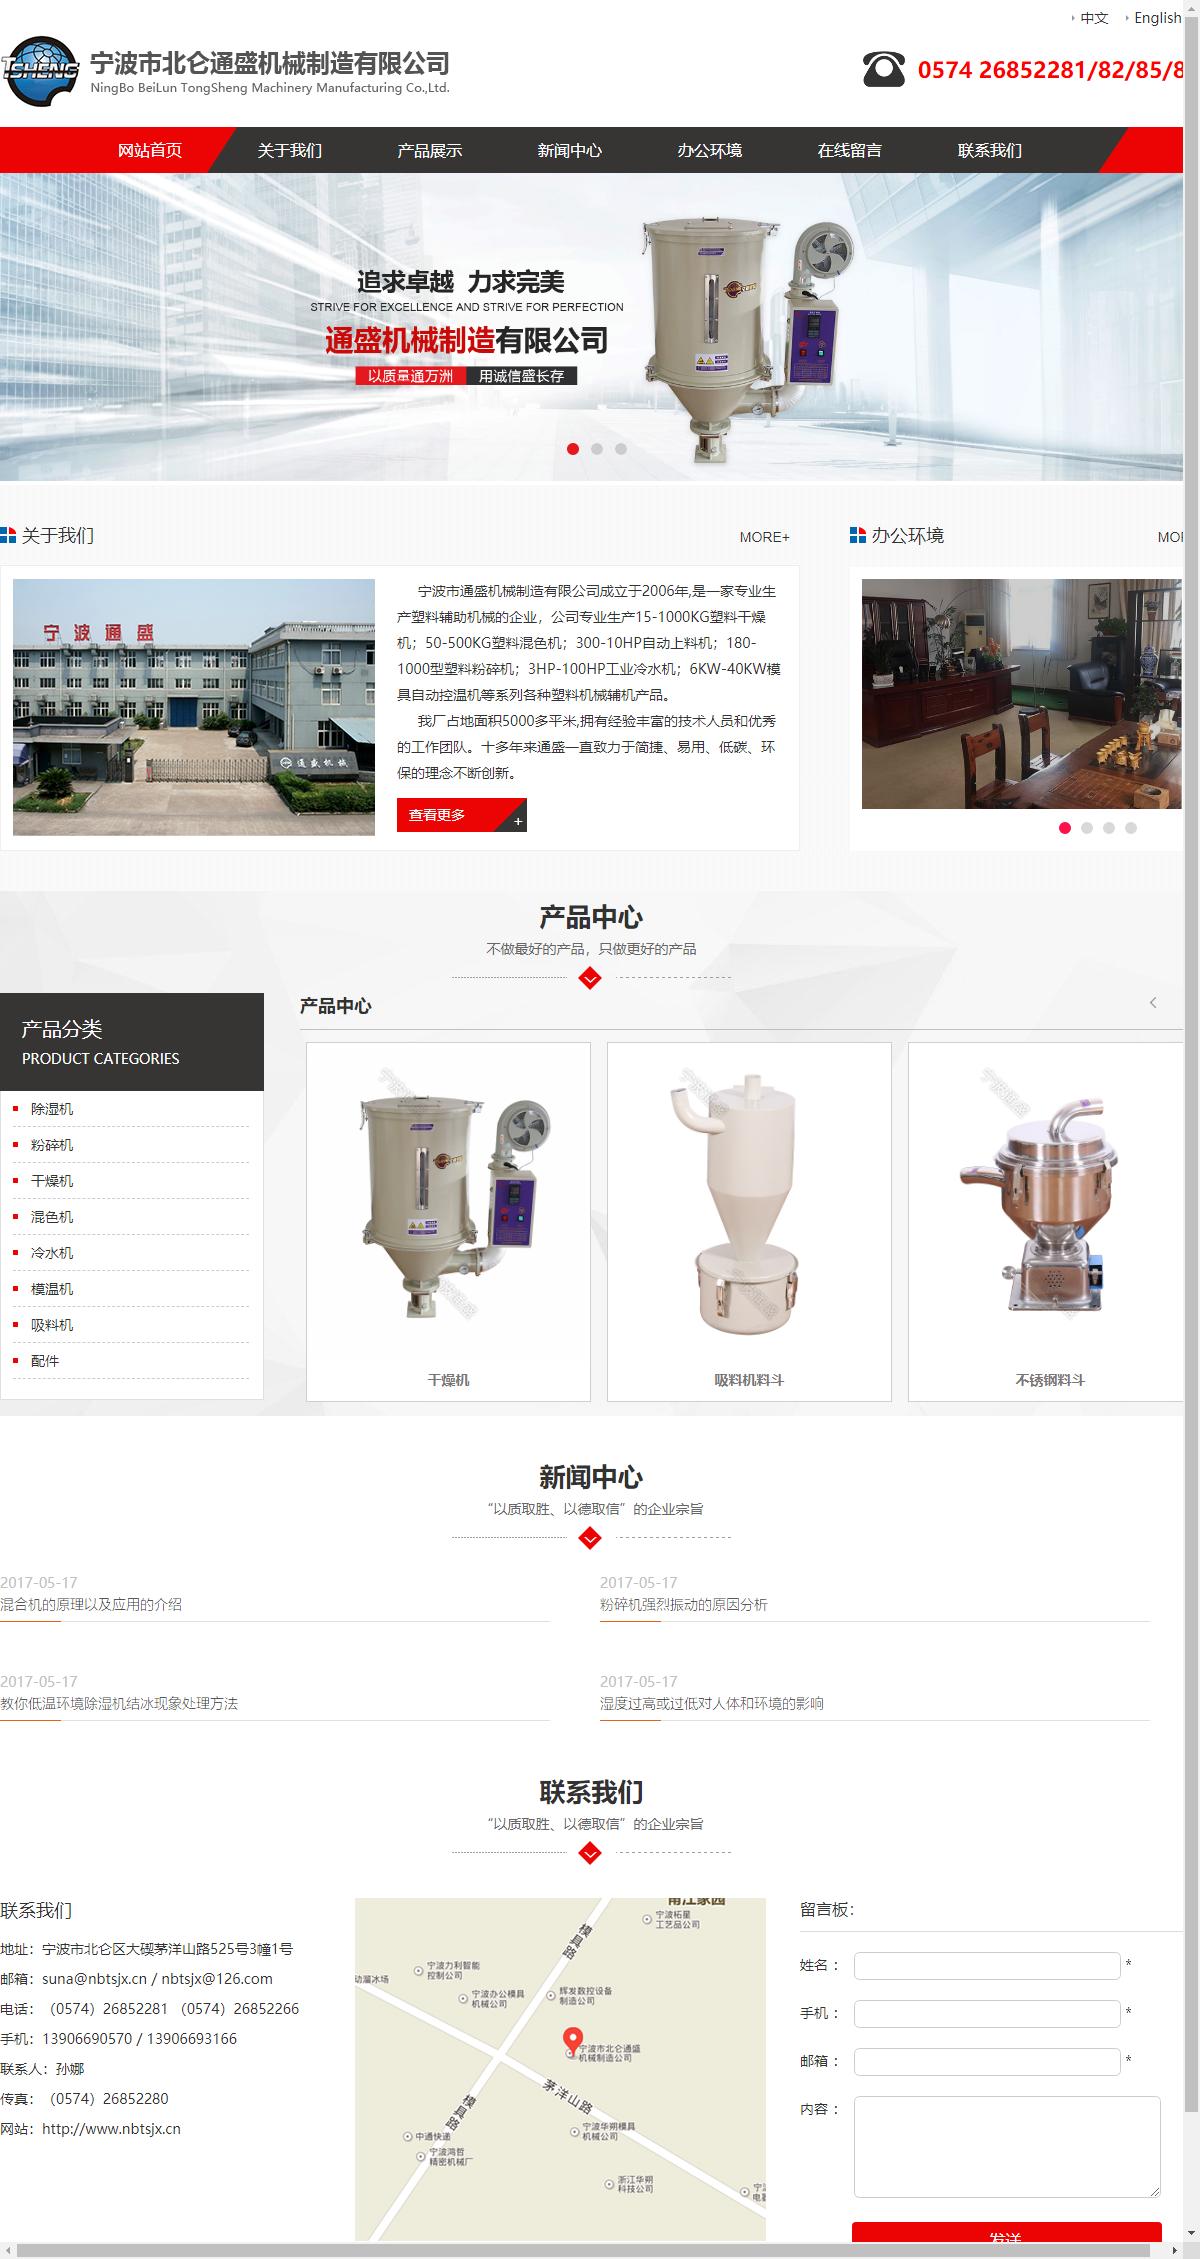 宁波市北仑通盛机械制造有限公司网站案例